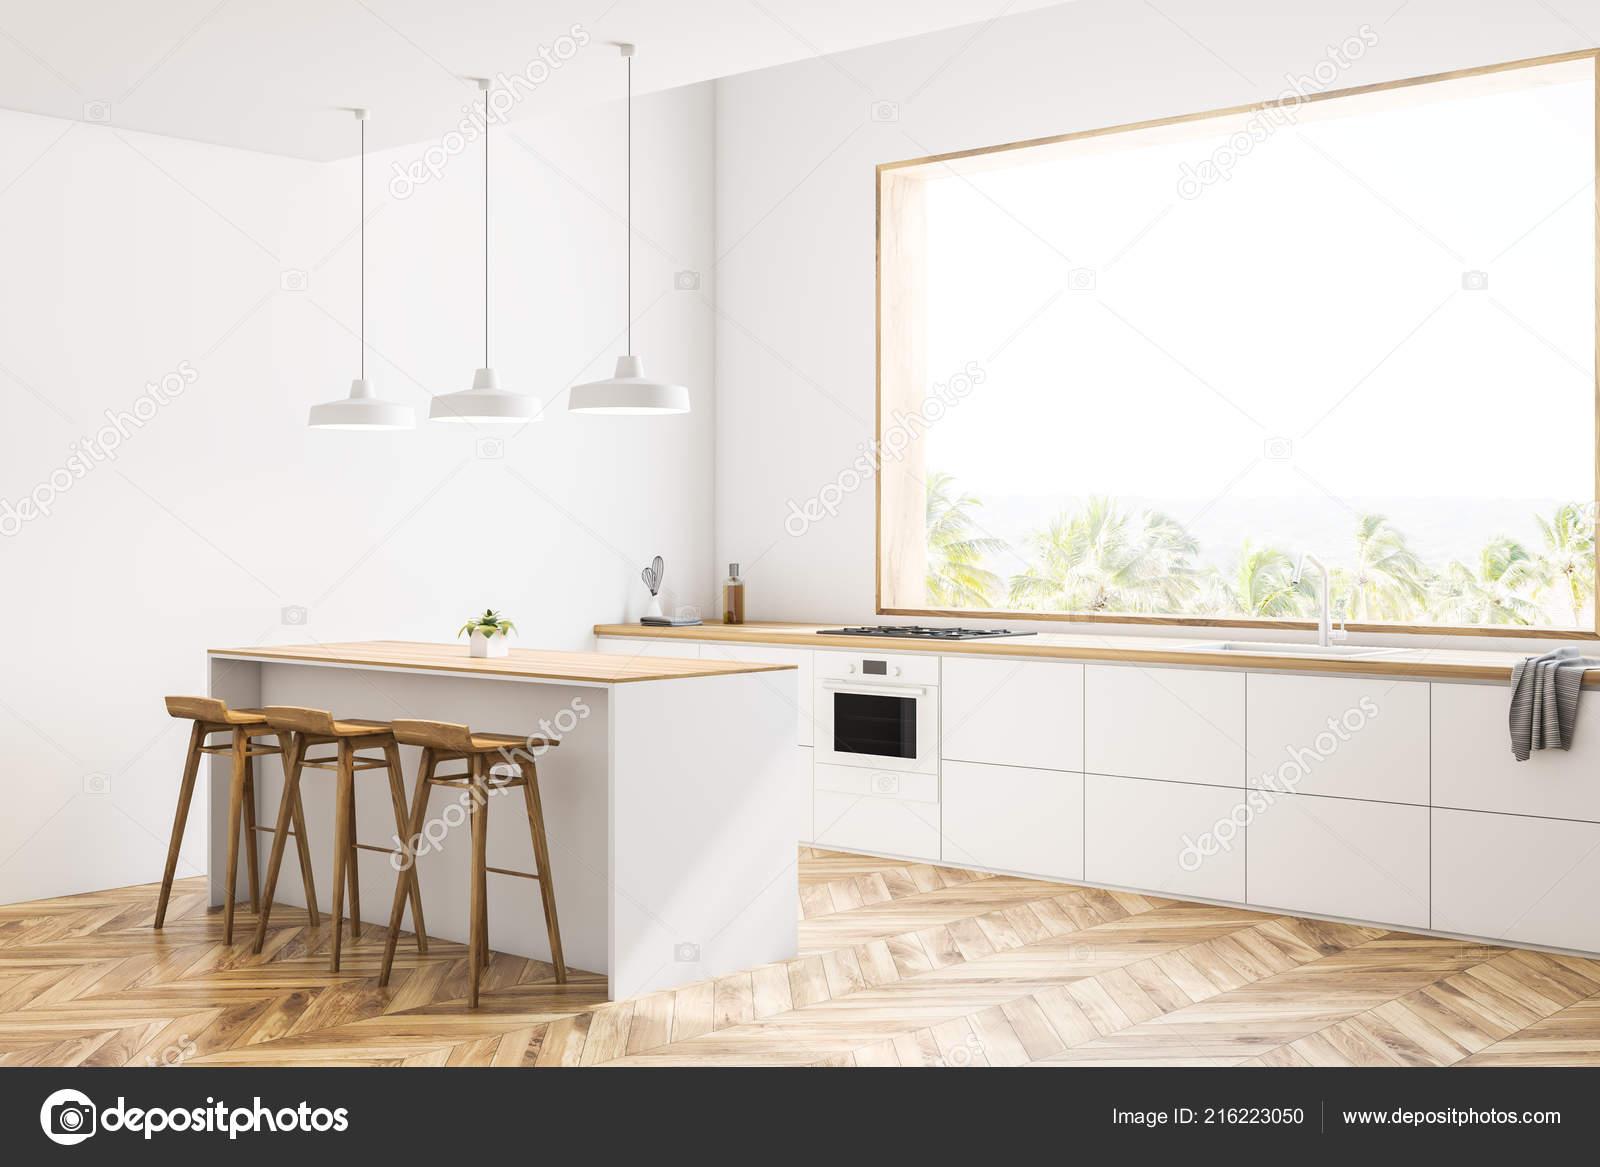 Biała Kuchnia Narożna Drewniana Podłoga Duże Okna Widokiem